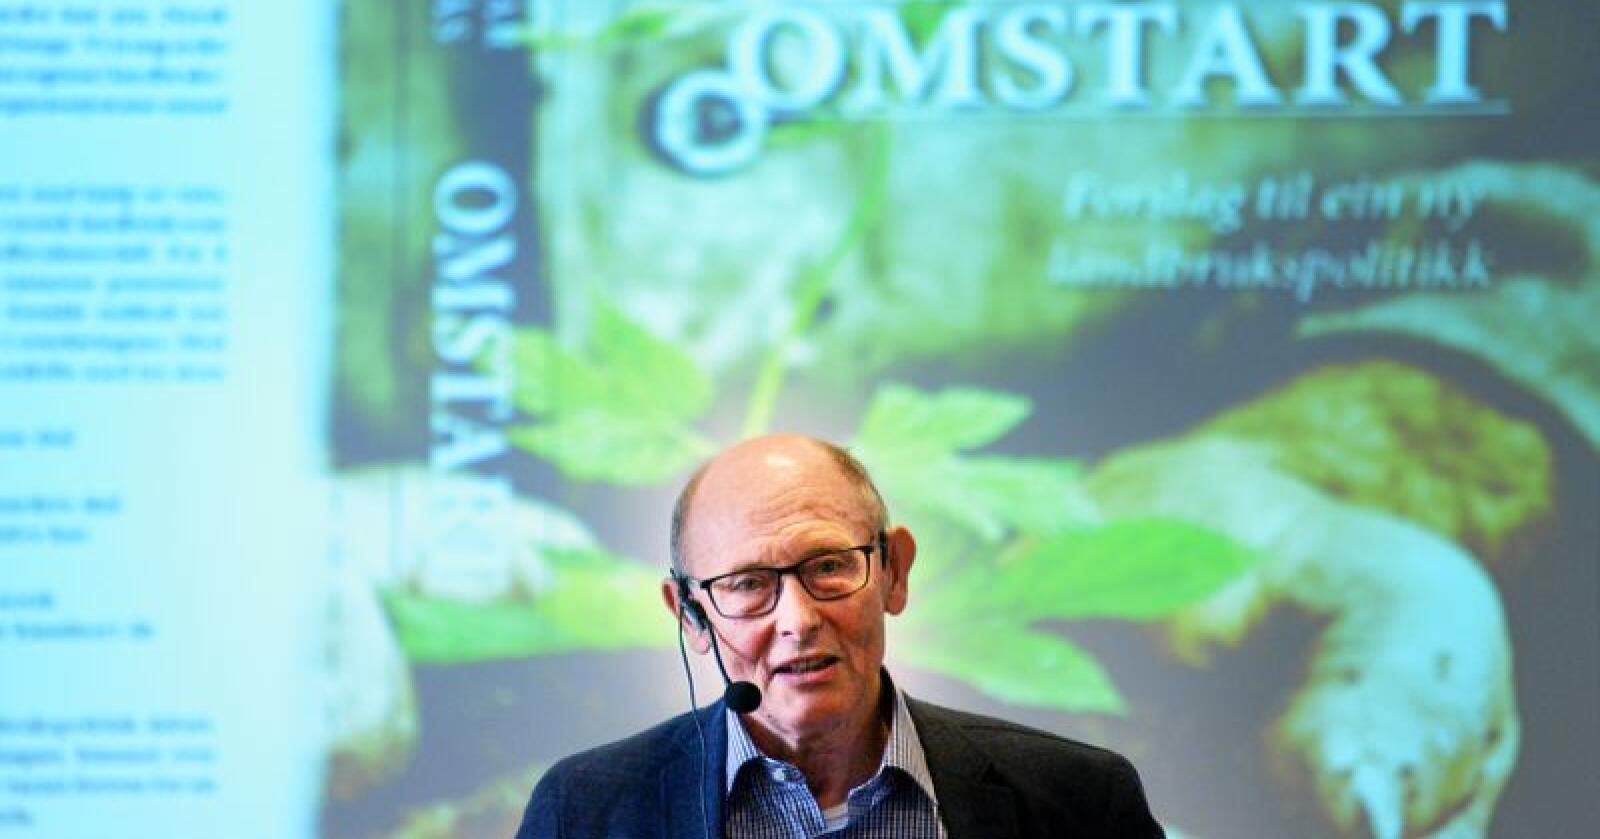 Reidar Almås beskriv kravet frå bøndene i årets jordbruksforhandlingar som eit framhald på reverseringa av Listhaug-lina i landbrukspolitikken. Foto: Siri Juell Rasmussen